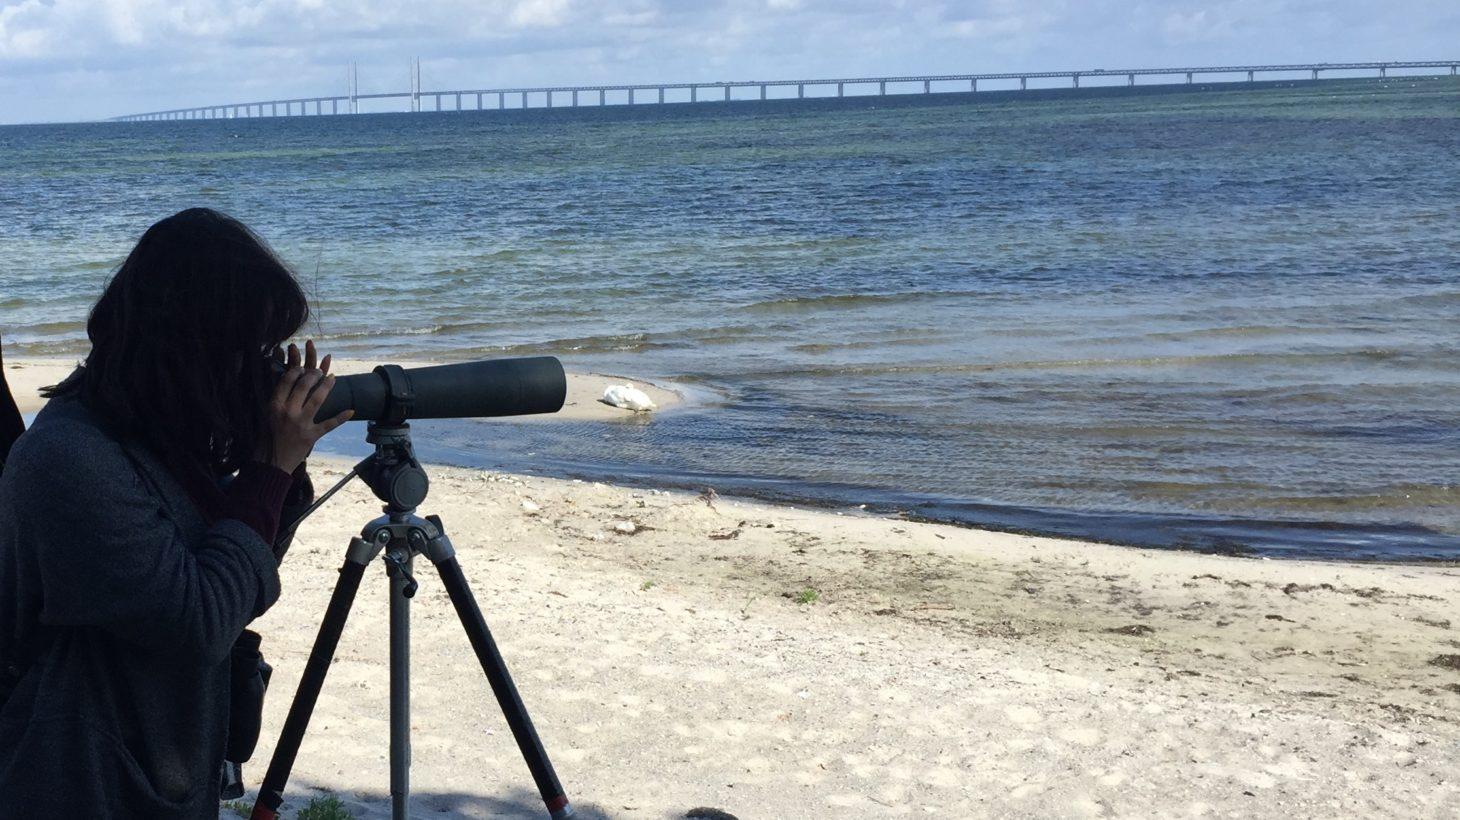 Kvinna kikar genom kikare ut över Öresund där bron syns i bakgrunden.